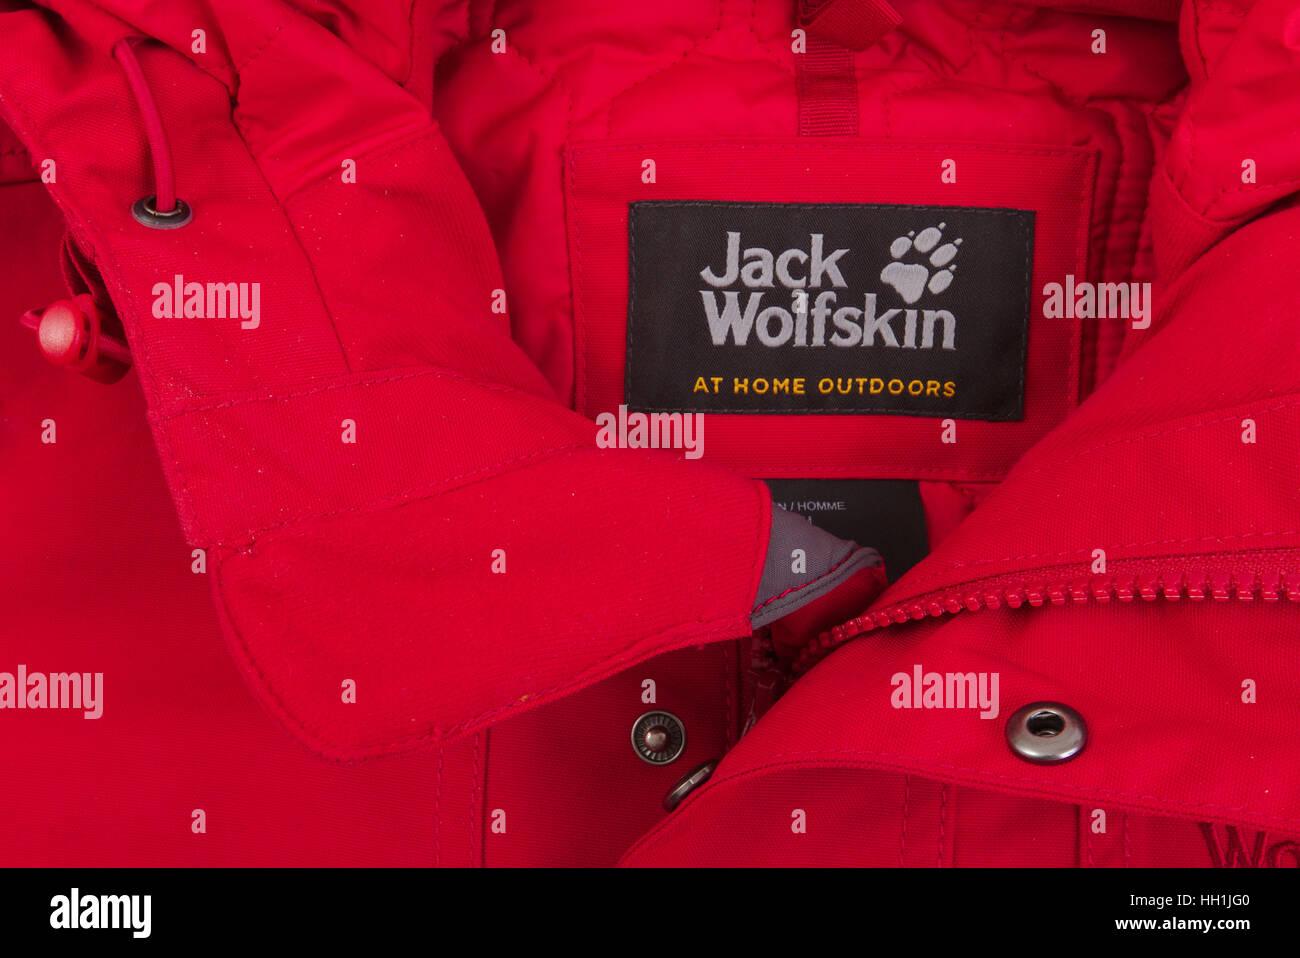 e167f29934de41 Winterjacke von Jack Wolfskin · bszef   Alamy Stock Foto